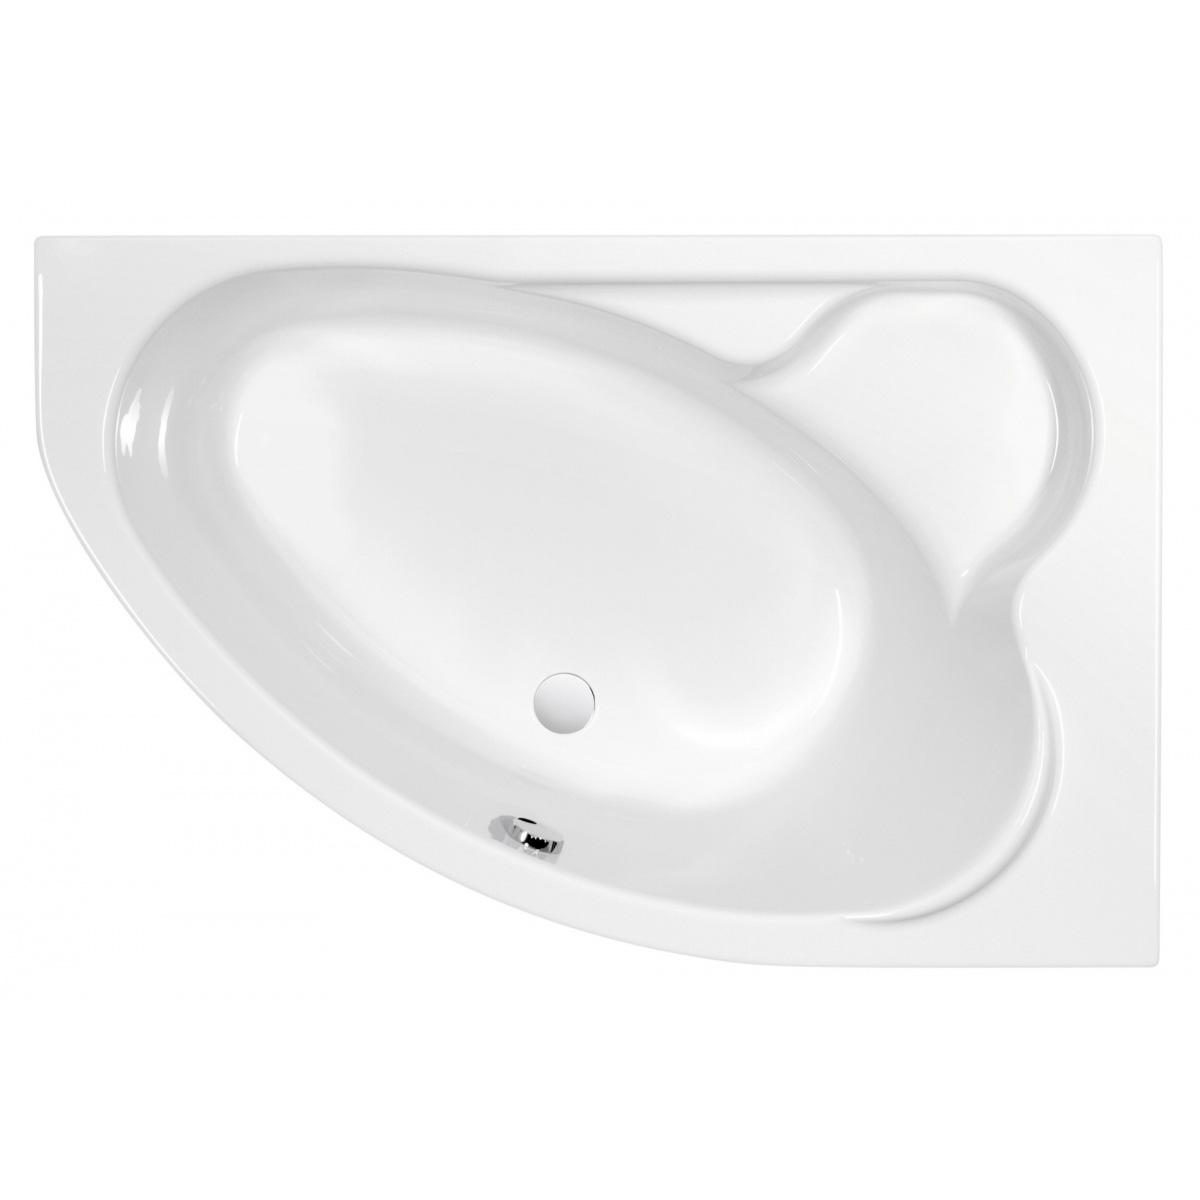 Акриловая ванна Cersanit Kaliope 153x100 правая cersanit ванна акриловая cersanit kaliope 153x100 правая